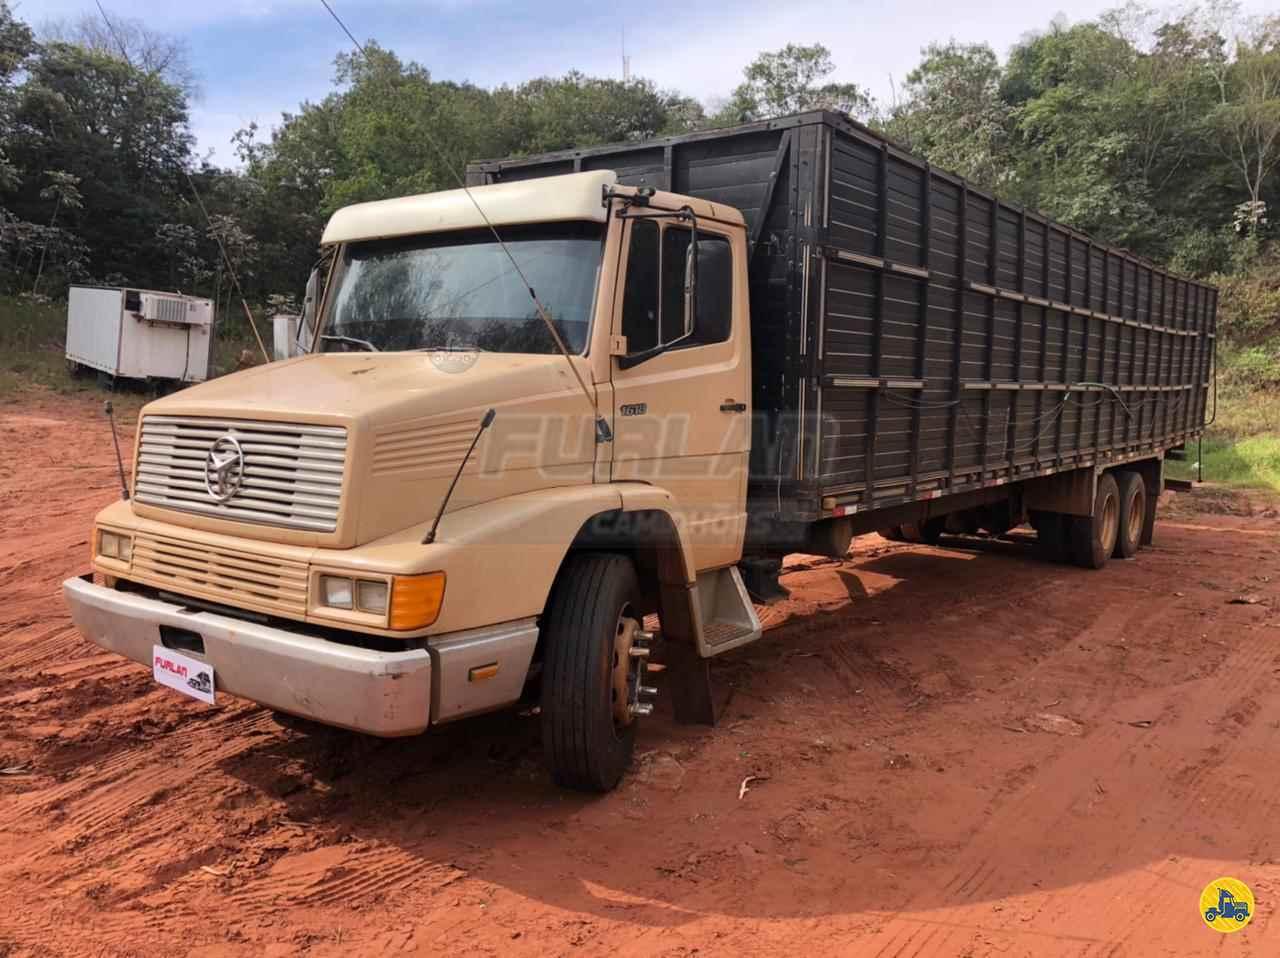 CAMINHAO MERCEDES-BENZ MB 1618 Boiadeiro Truck 6x2 Furlan Caminhões UMUARAMA PARANÁ PR